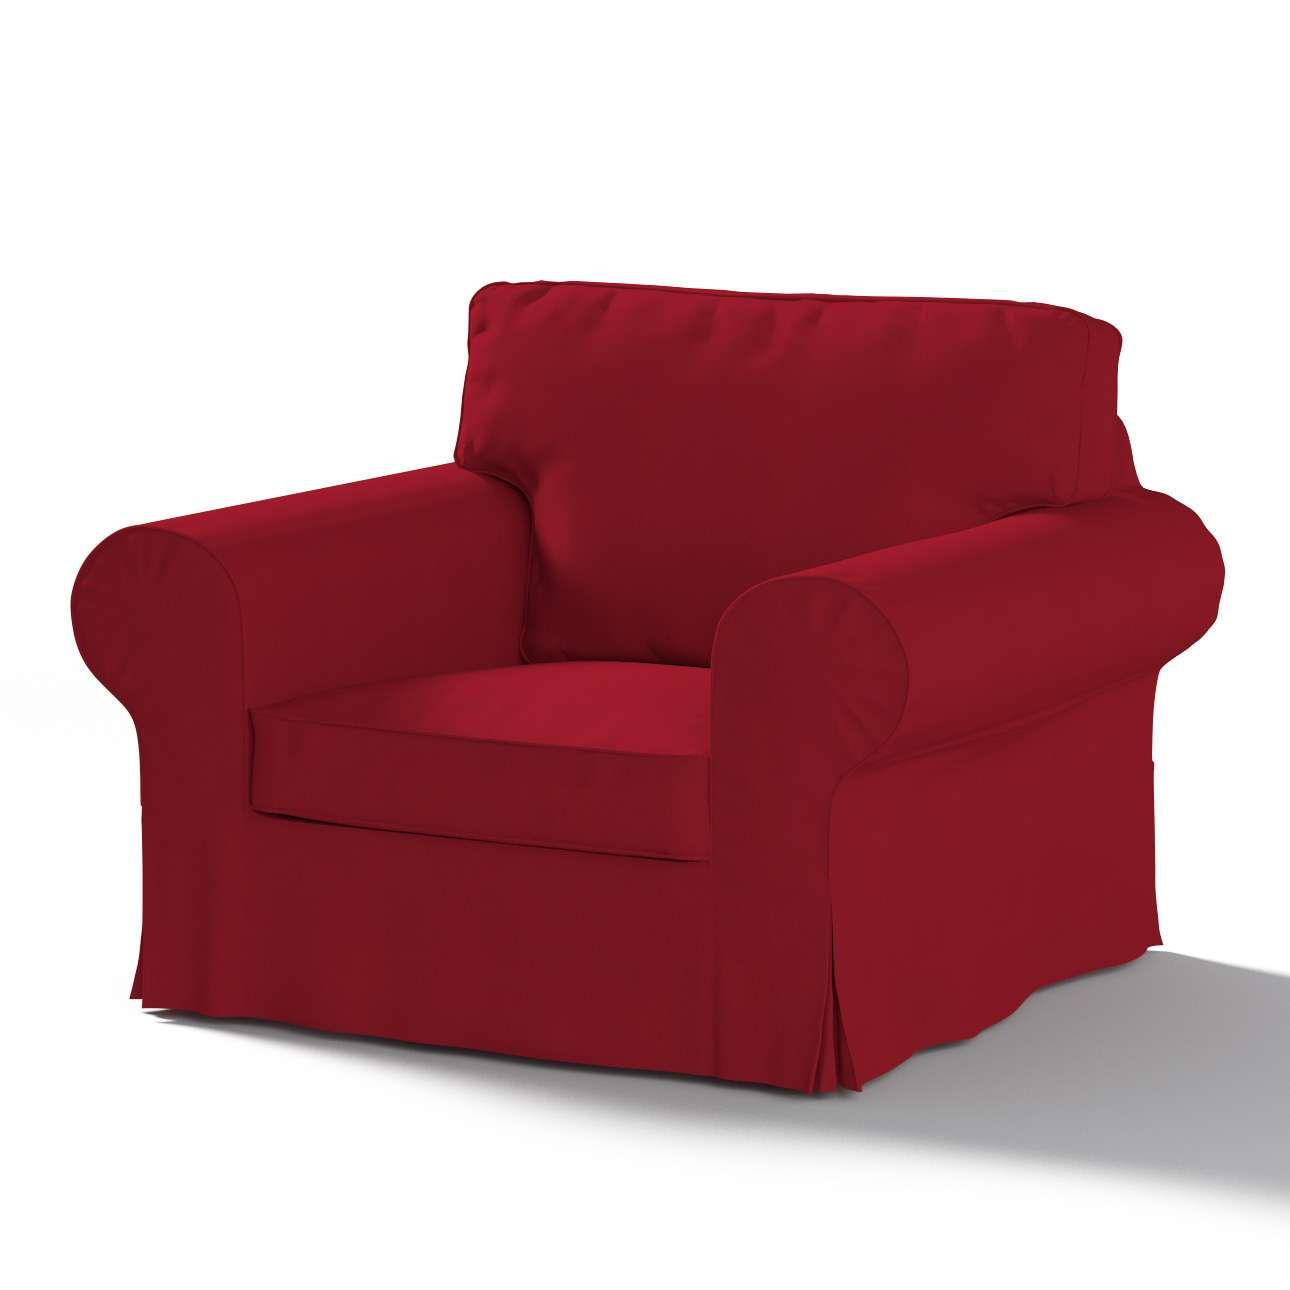 Pokrowiec na fotel Ektorp Fotel Ektorp w kolekcji Chenille, tkanina: 702-24